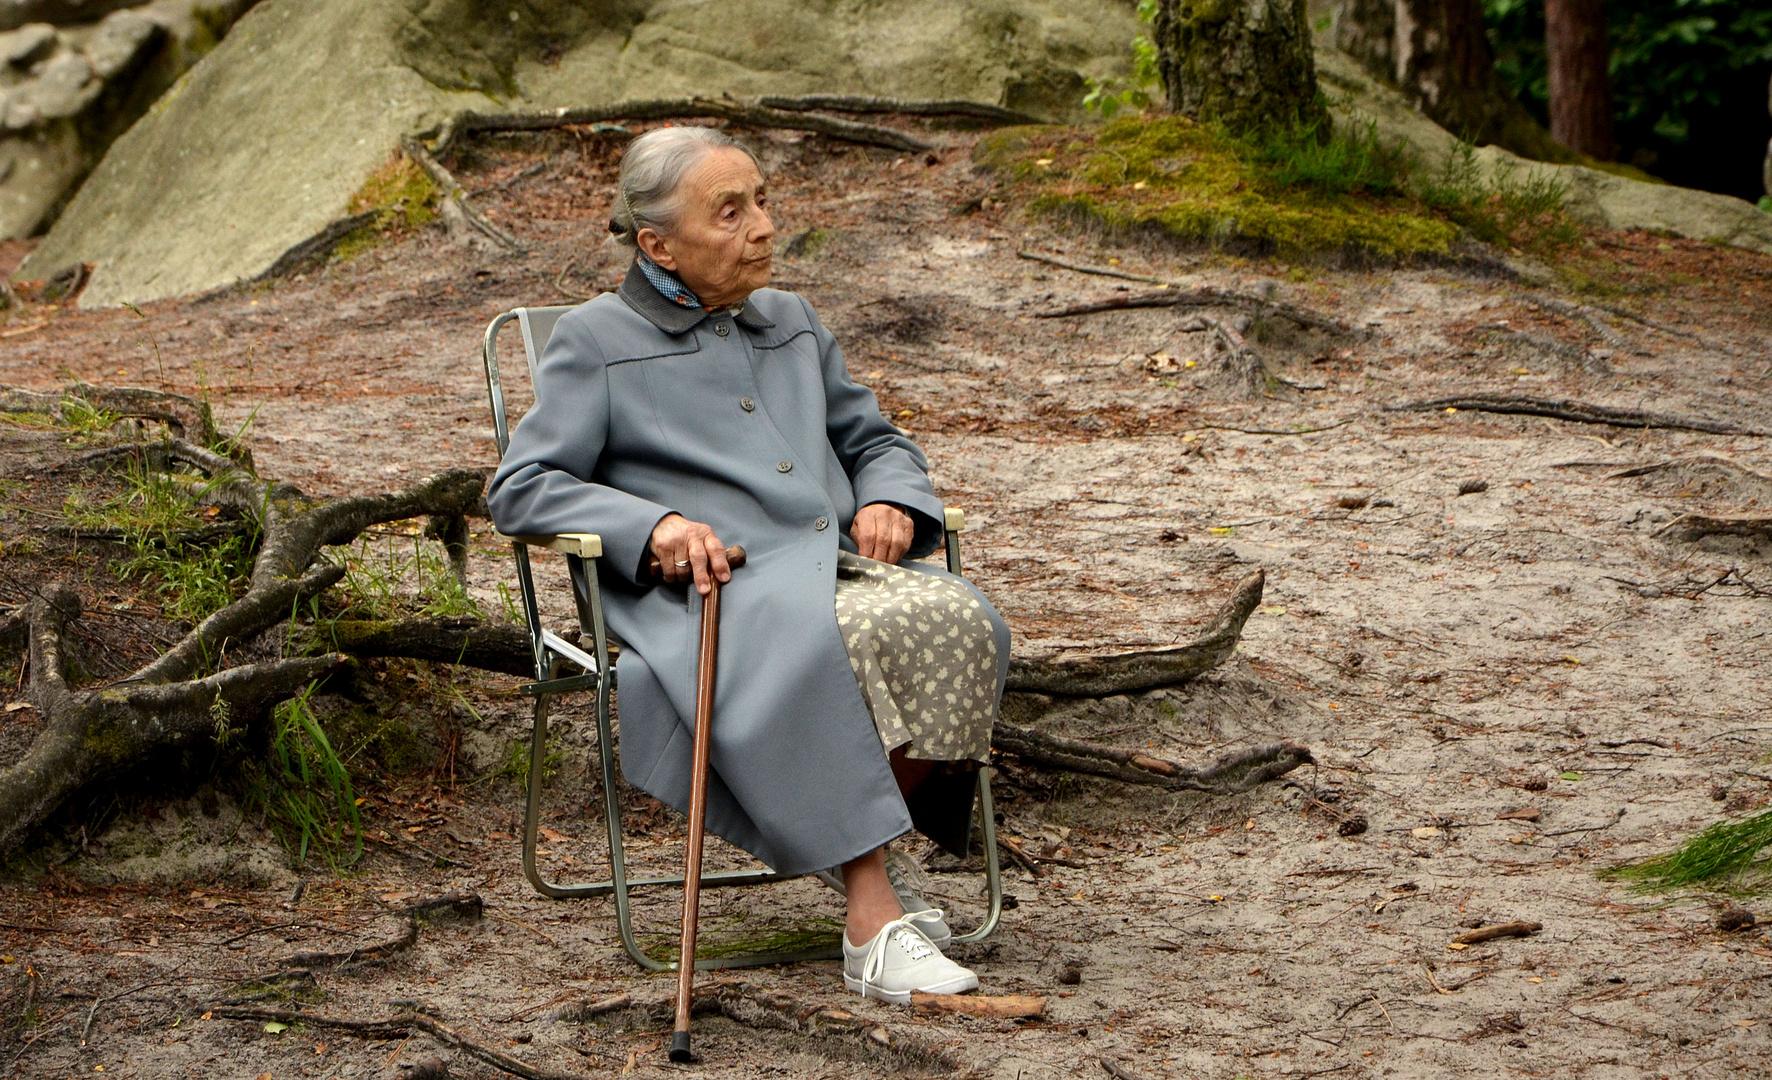 Oma im Wald Foto & Bild | erwachsene, menschen im alter